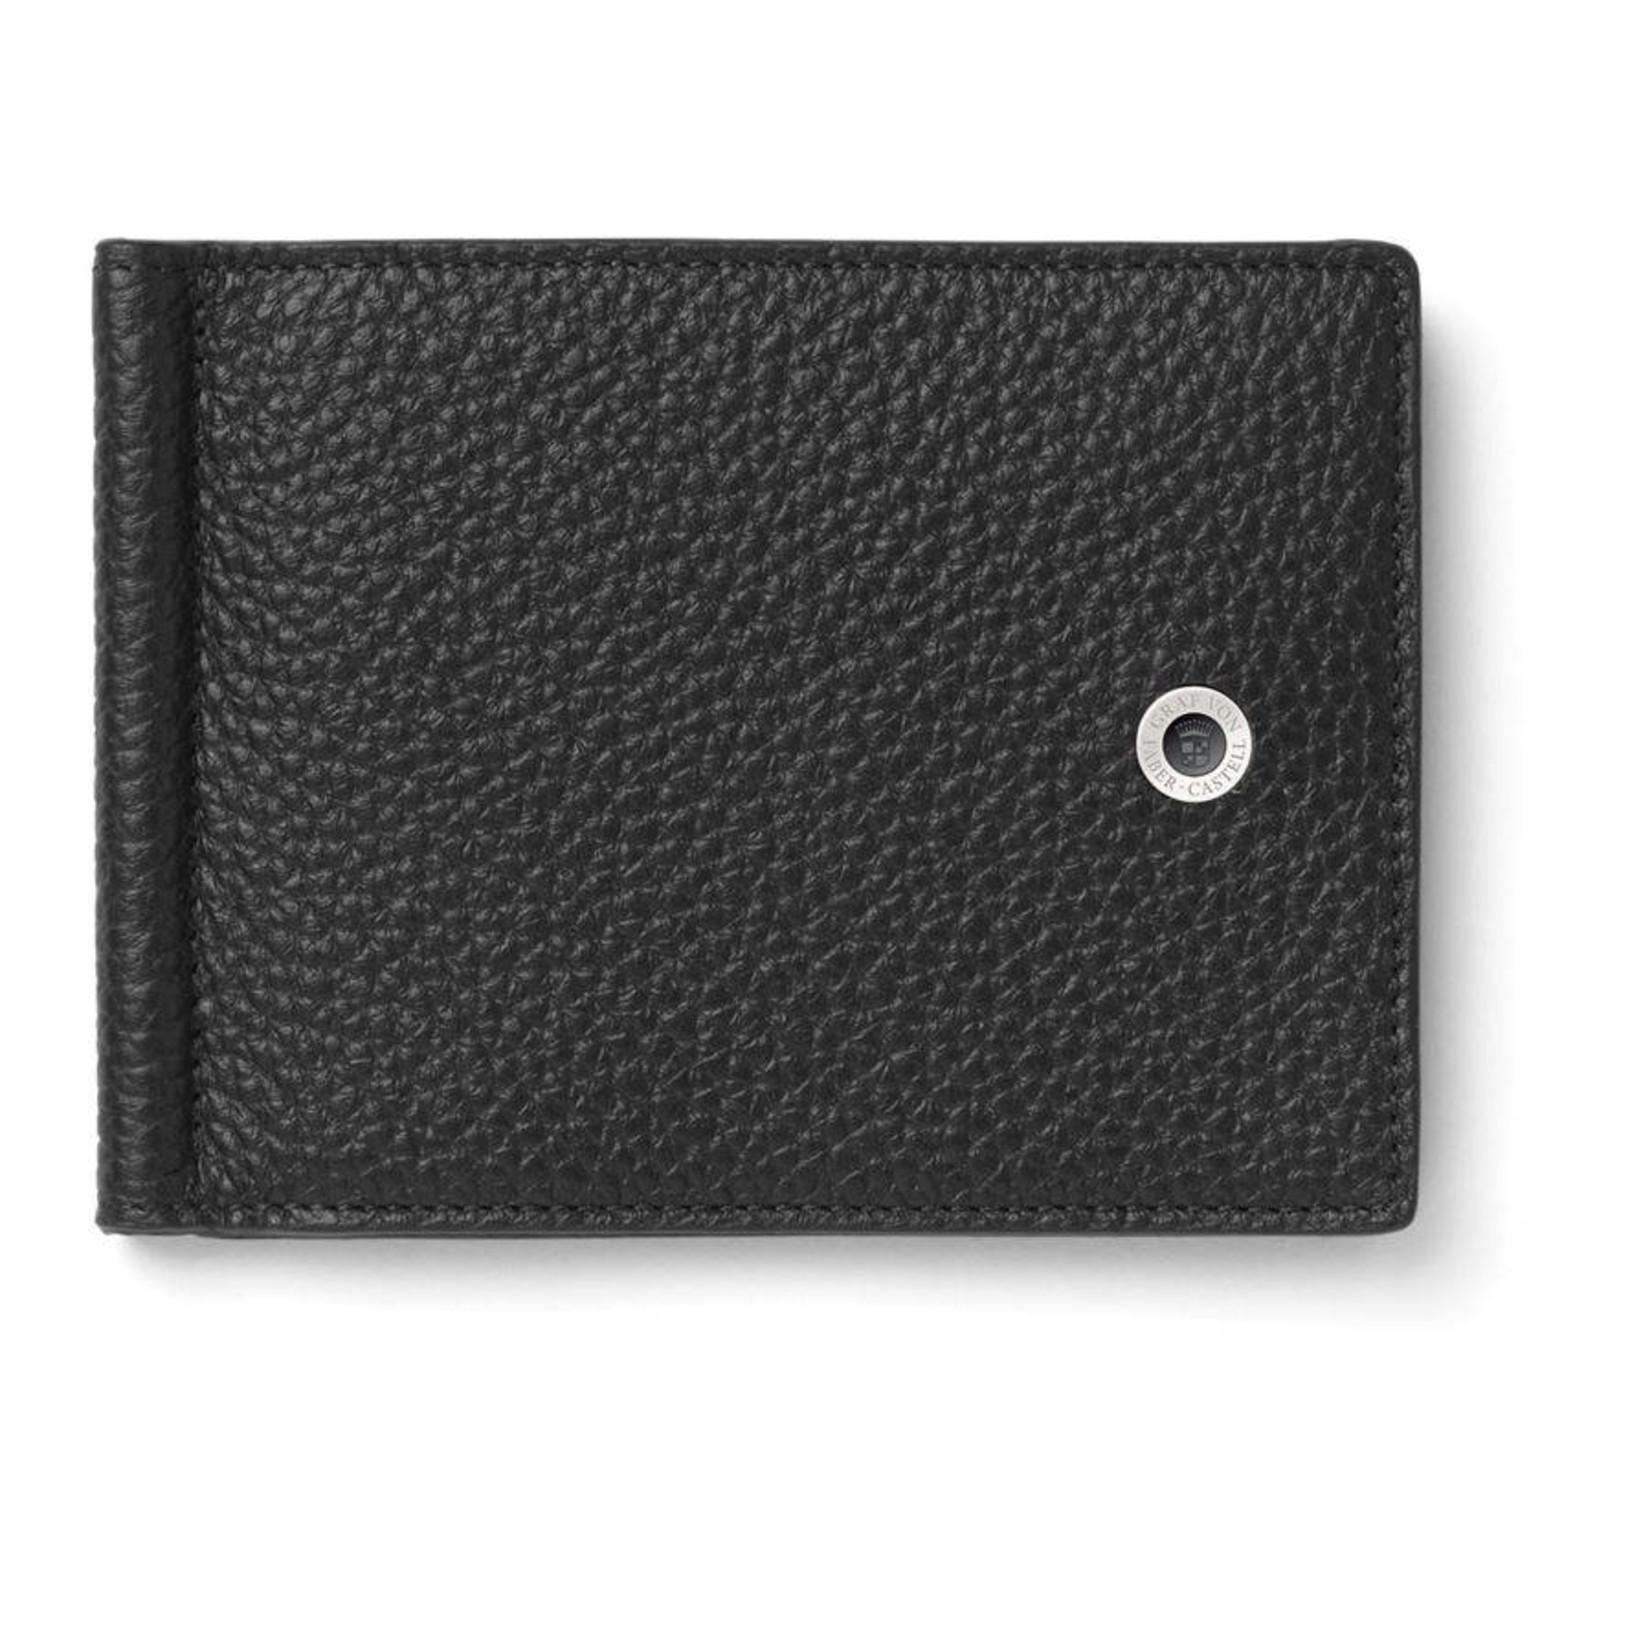 Graf von Faber-Castell Kartenetui mit Geldklammer Cashmere schwarz